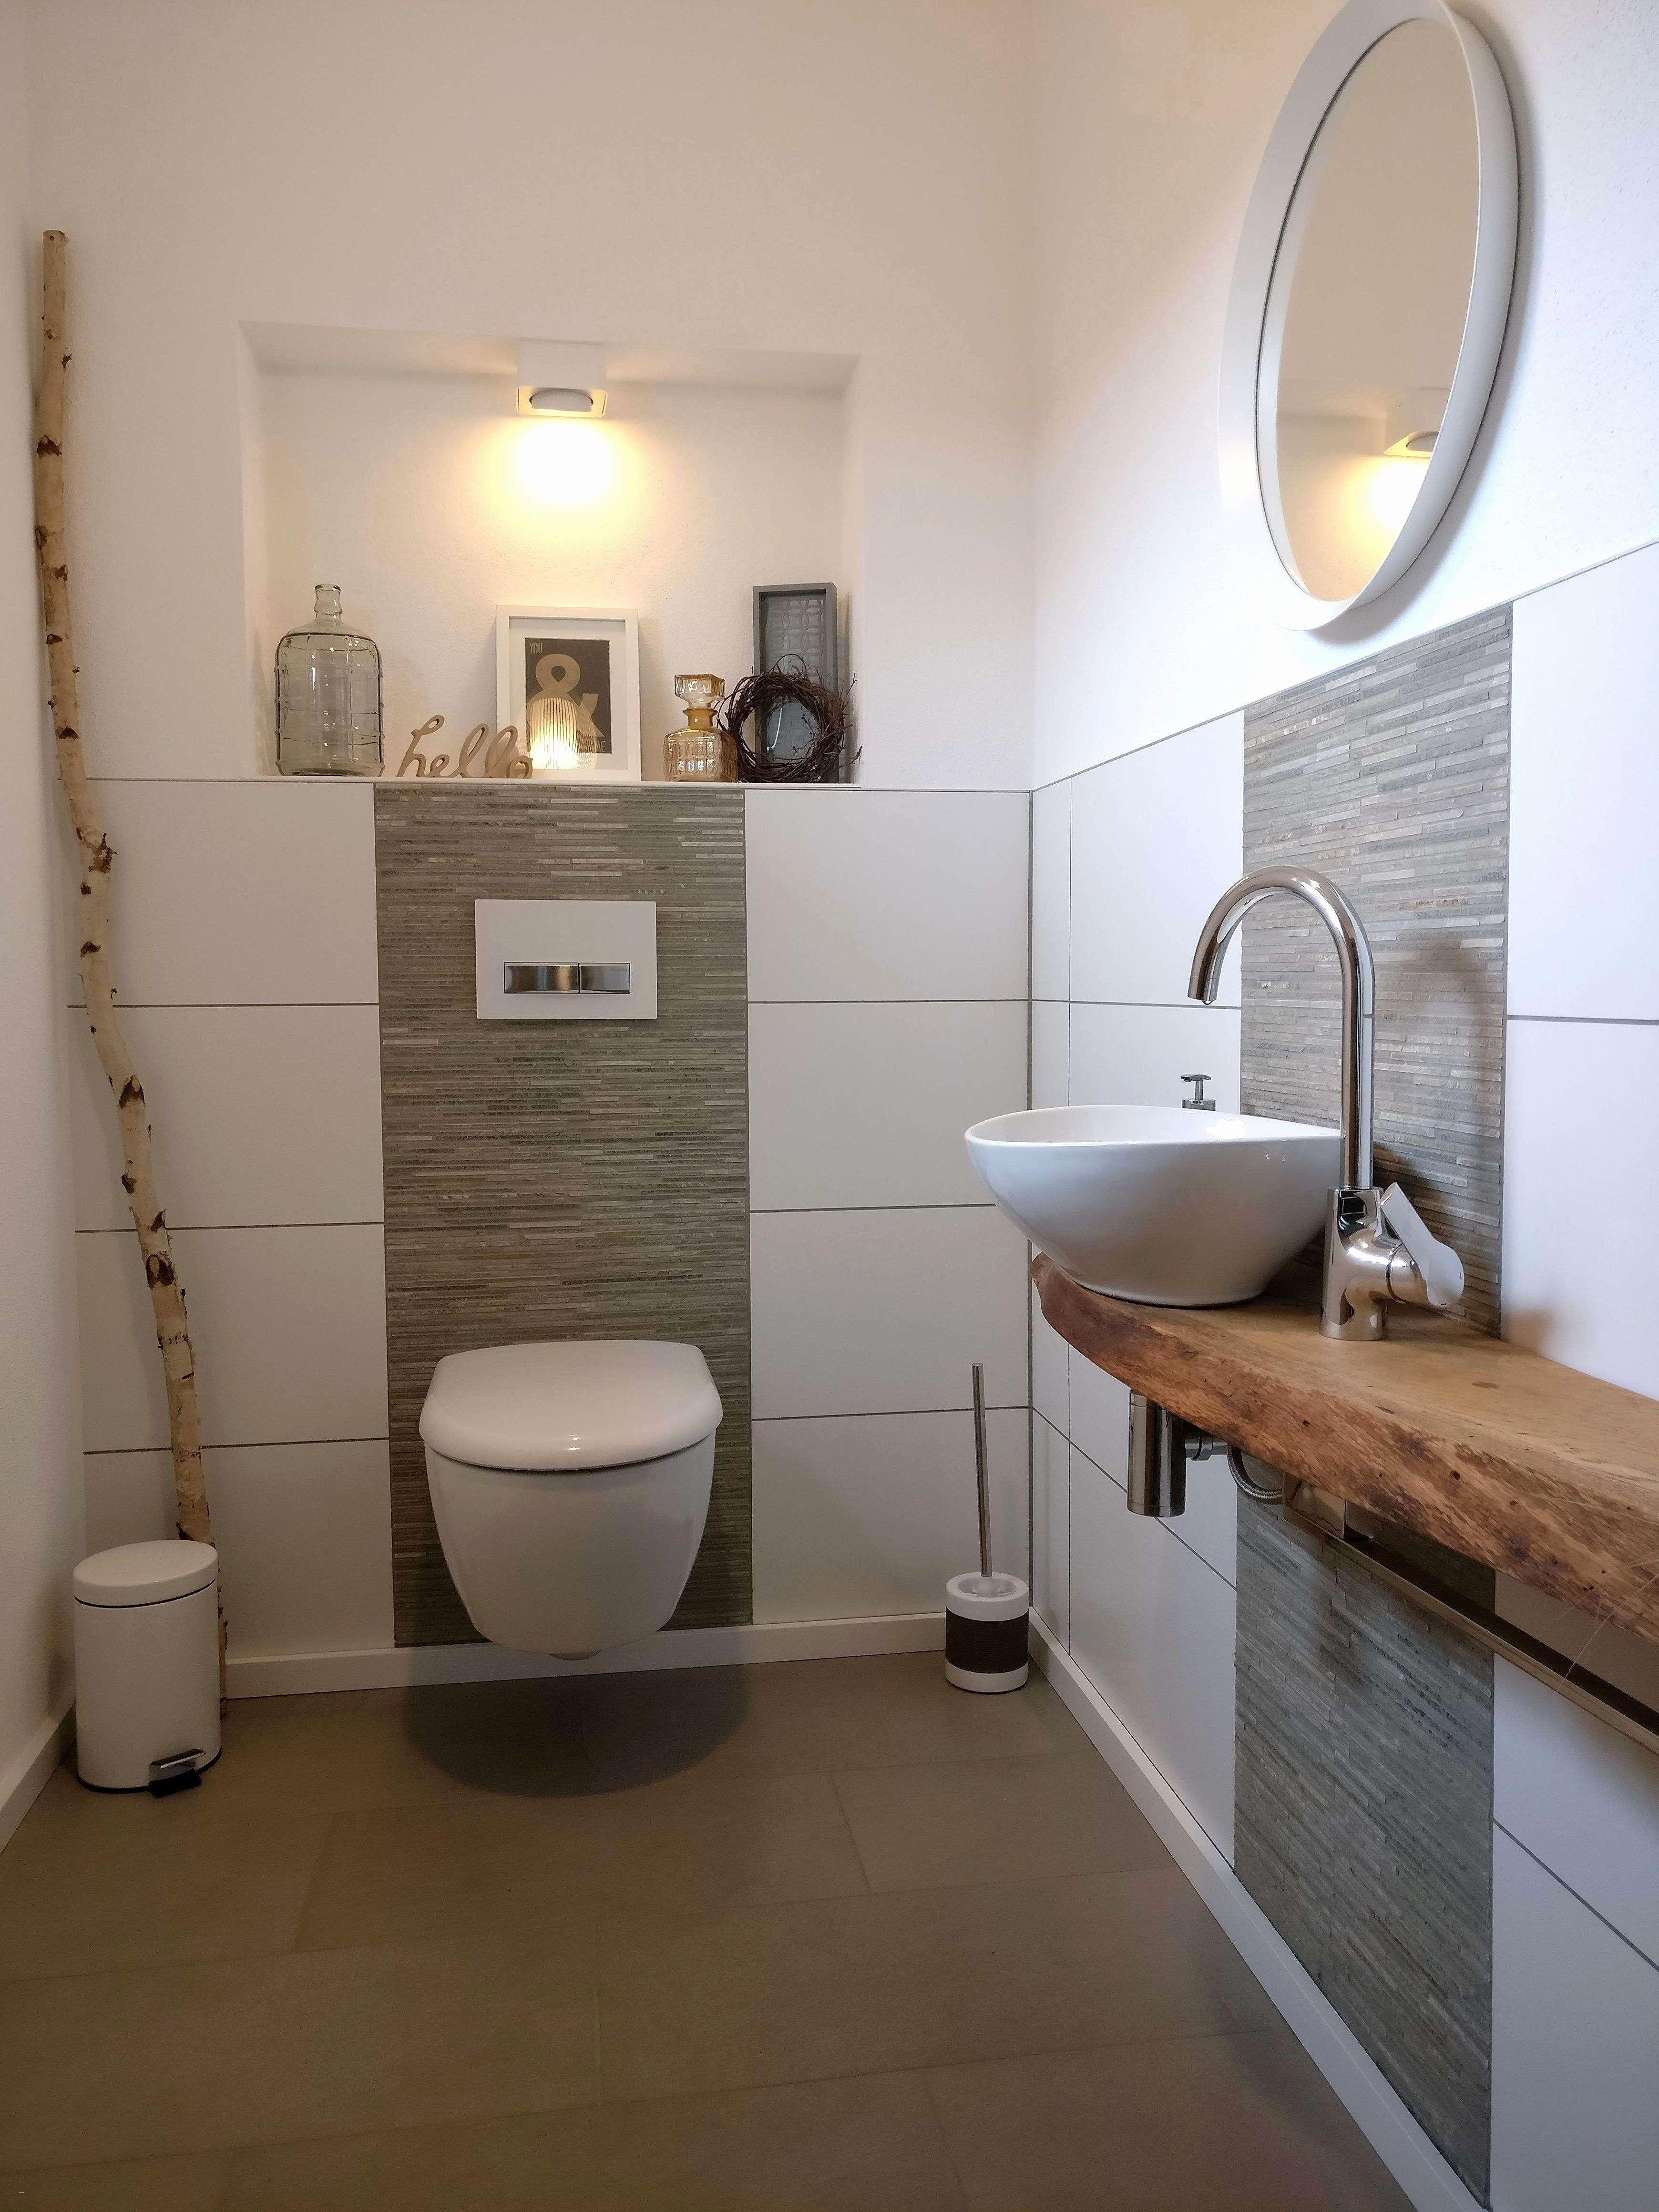 12 badezimmer ideen page of finde die schönsten ideen zum